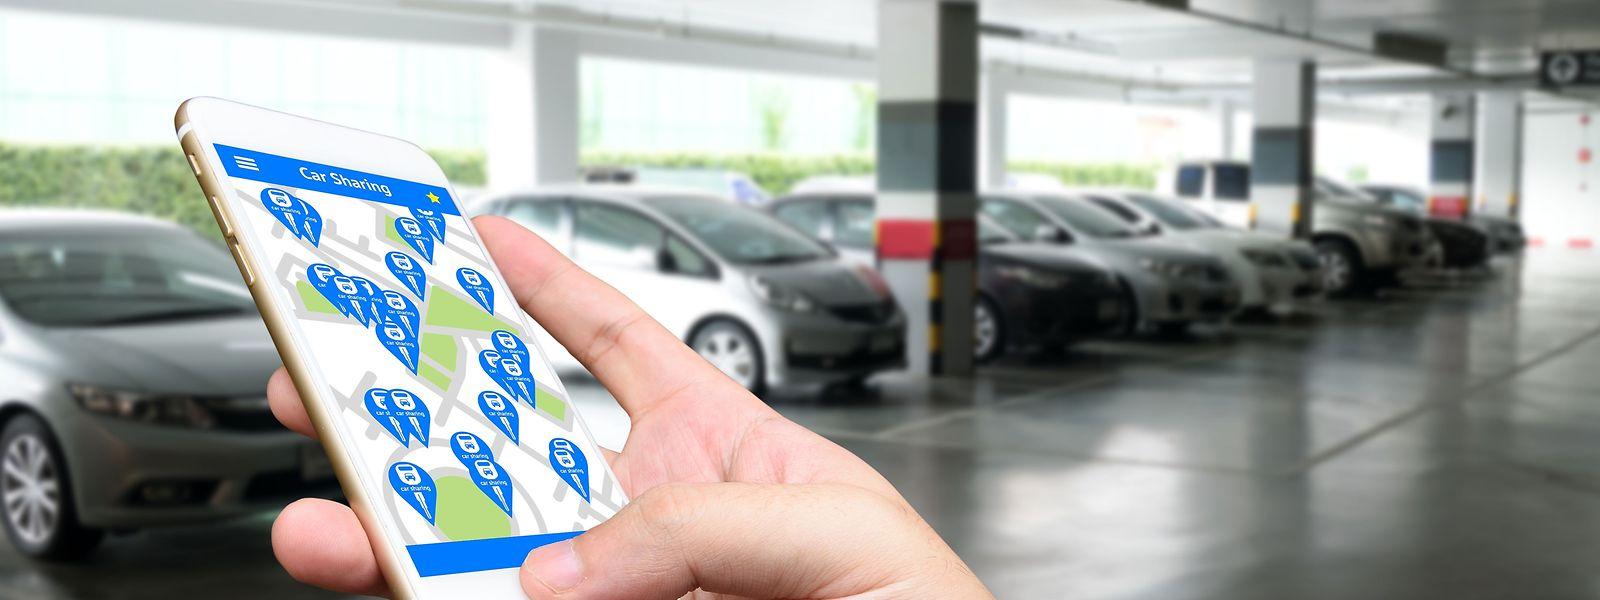 22 Prozent der Befragten, denen Carsharing bekannt ist, wollen es auch ausprobieren.